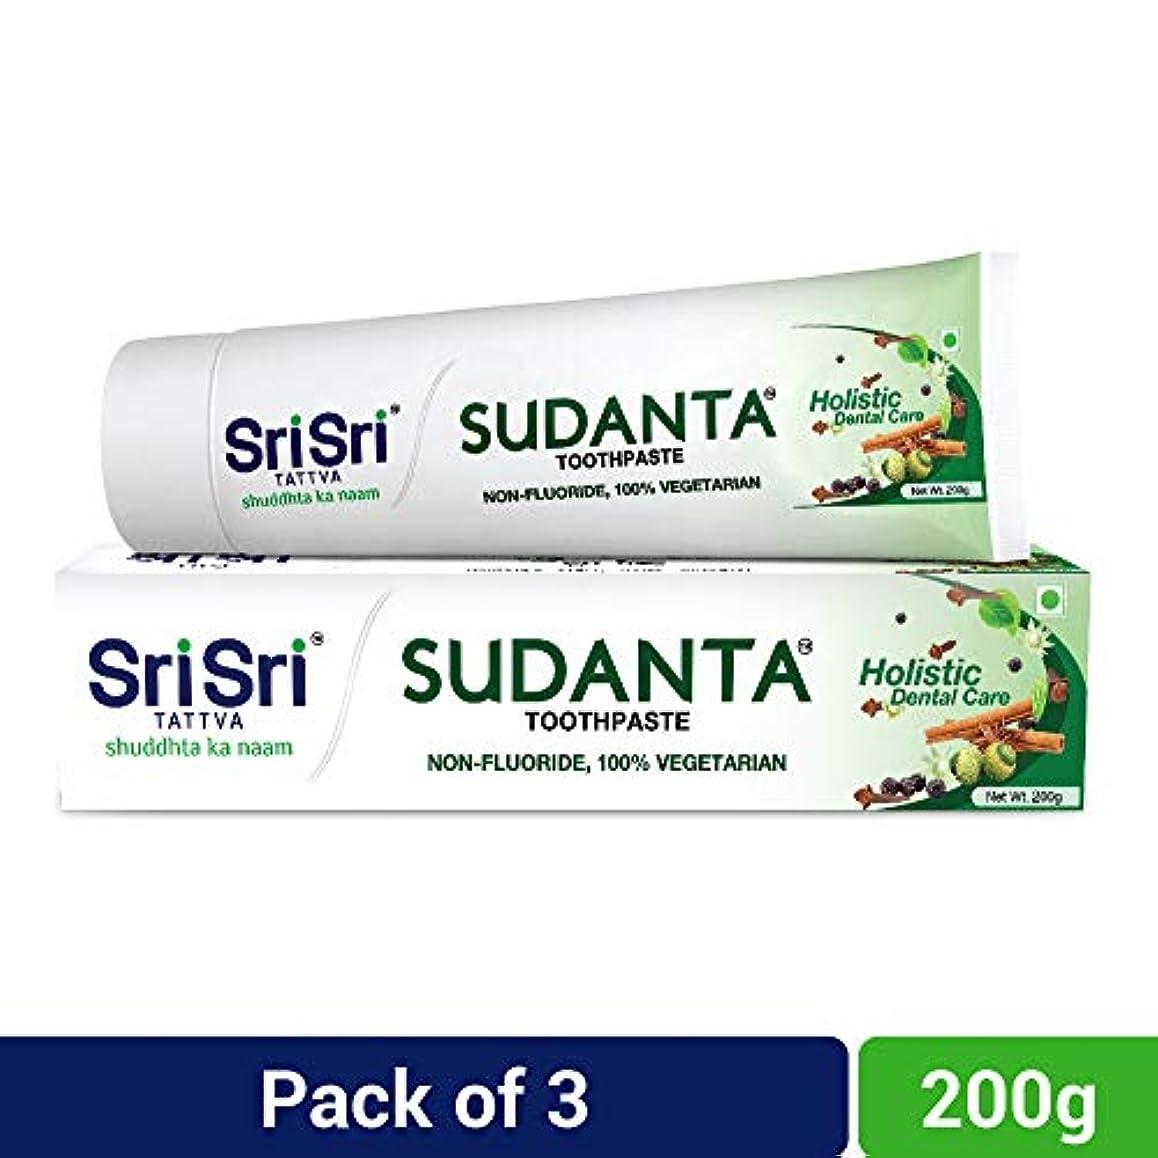 リーダーシップ断言するズボンSri Sri Tattva Sudanta Toothpaste, 600gm (200gm x Pack of 3)